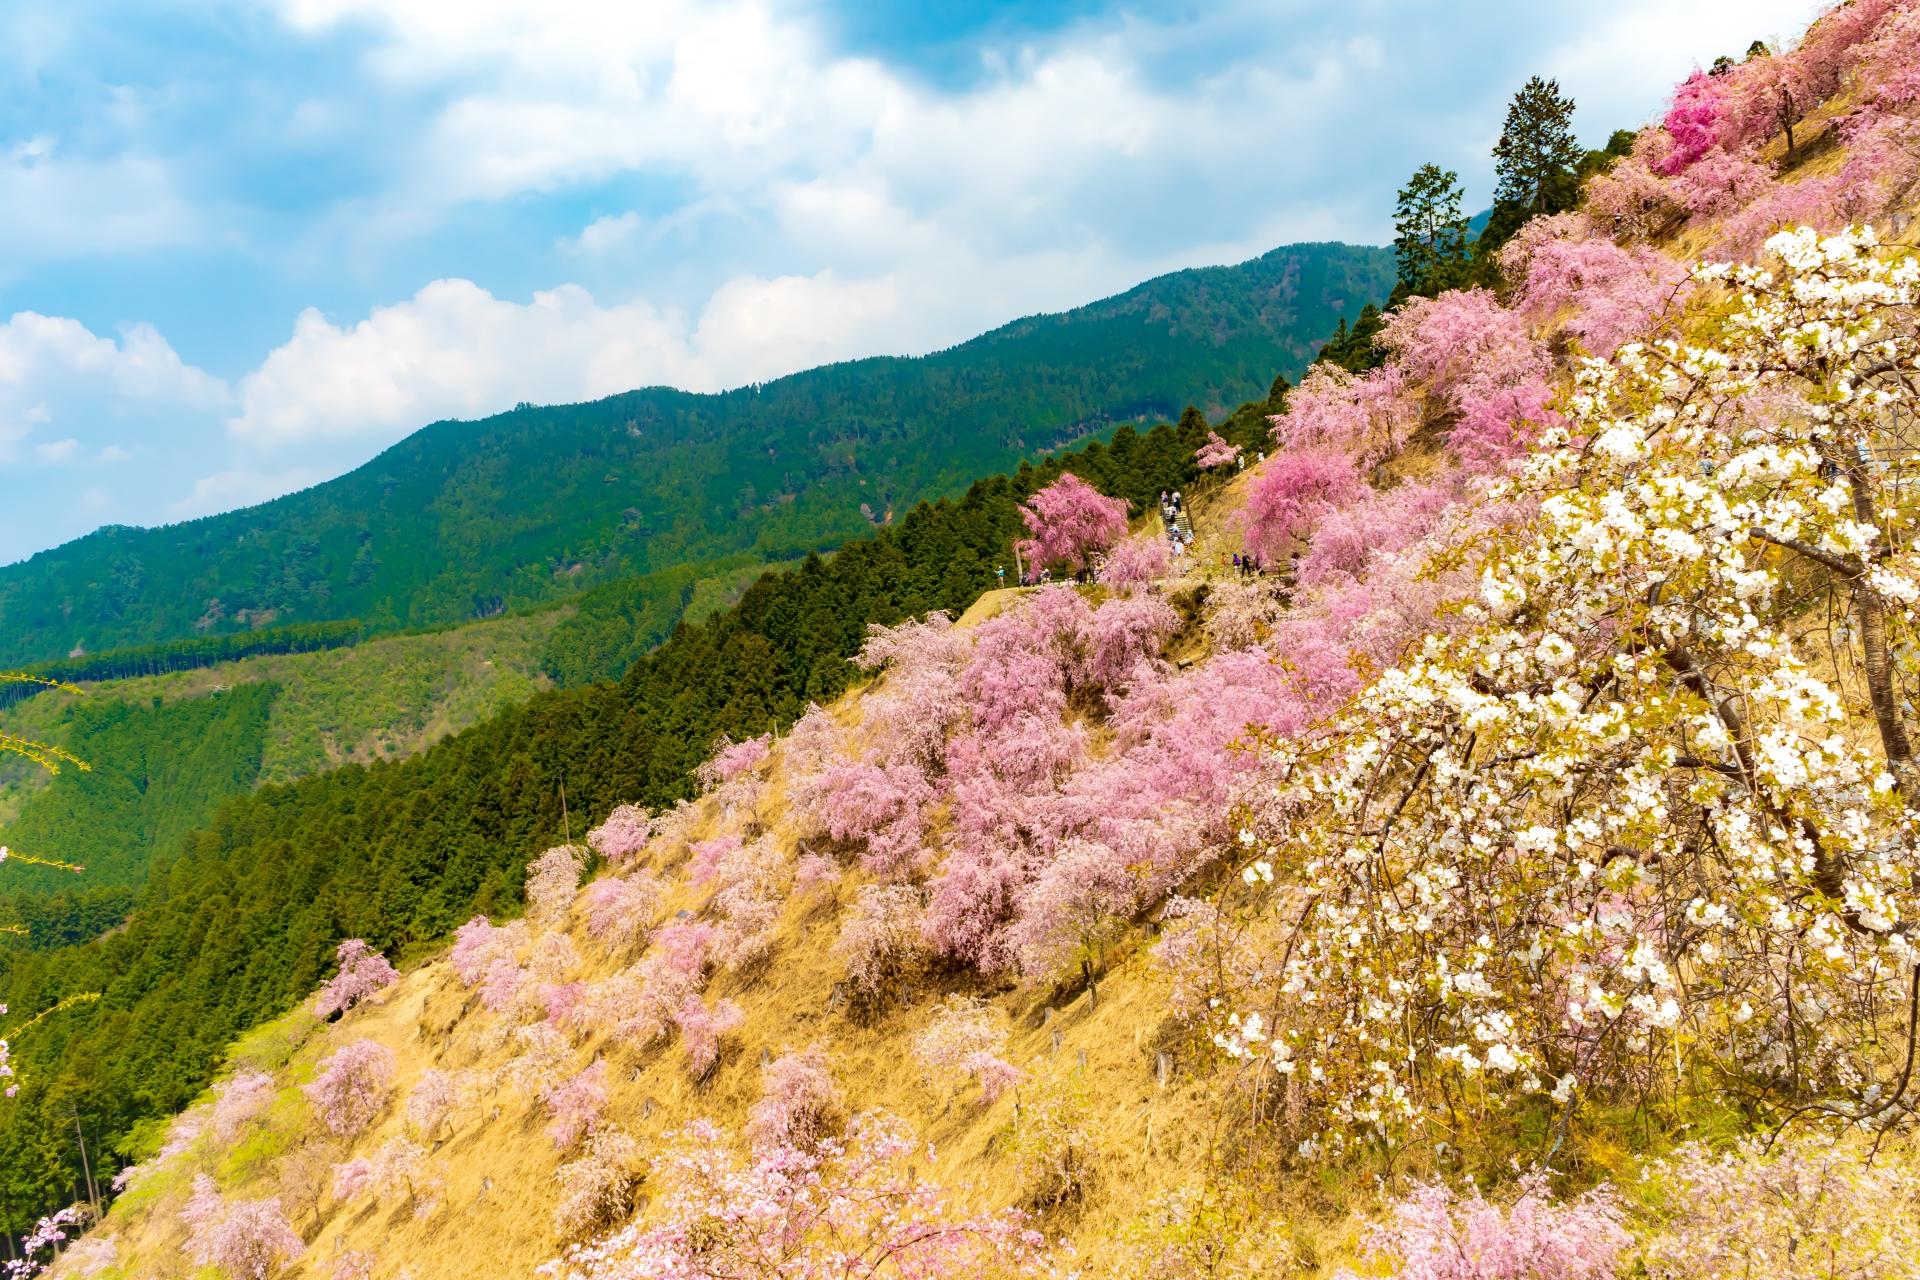 2459753_m 奈良県  高見の郷(1000本のしだれ桜が咲き誇る春におすすめの桜スポット! 写真の紹介、アクセス情報や駐車場情報など)